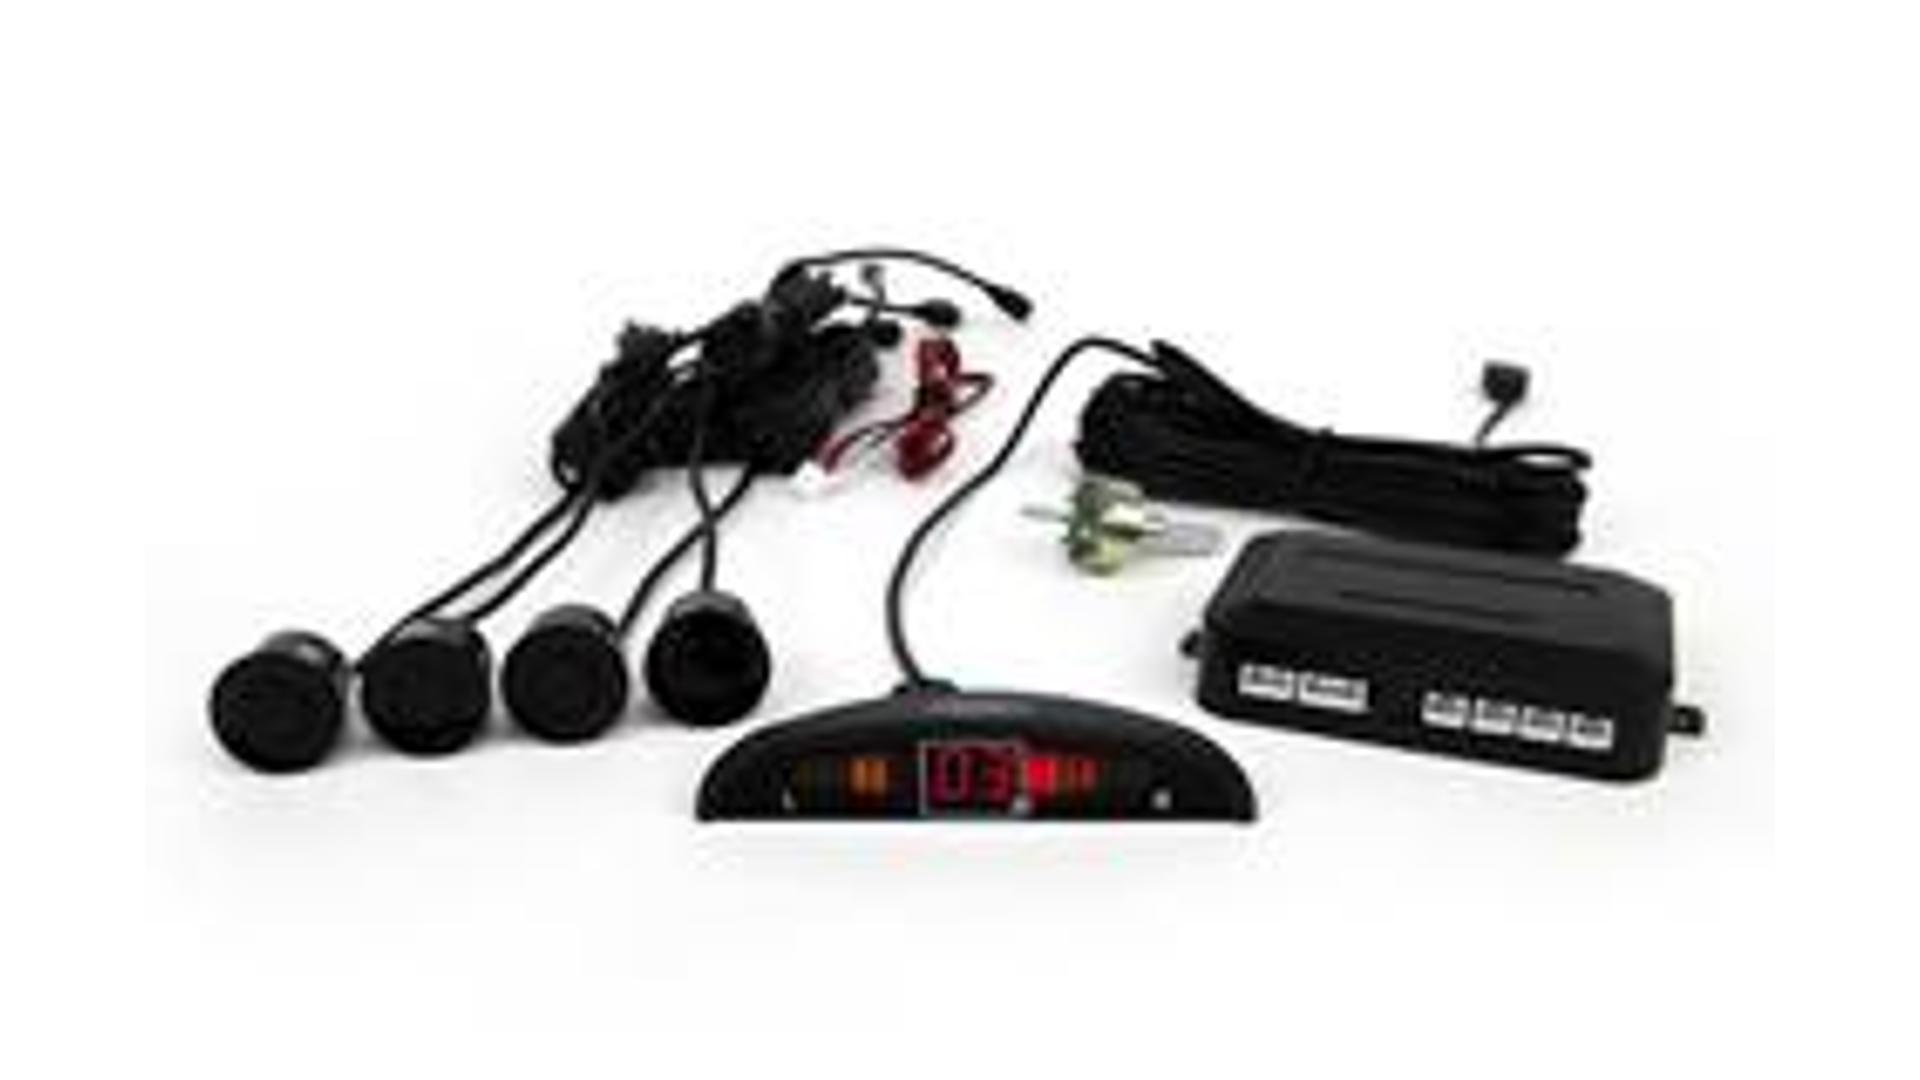 Parkovací asistent s LED monitorem vzdálenosti, 4 senzory